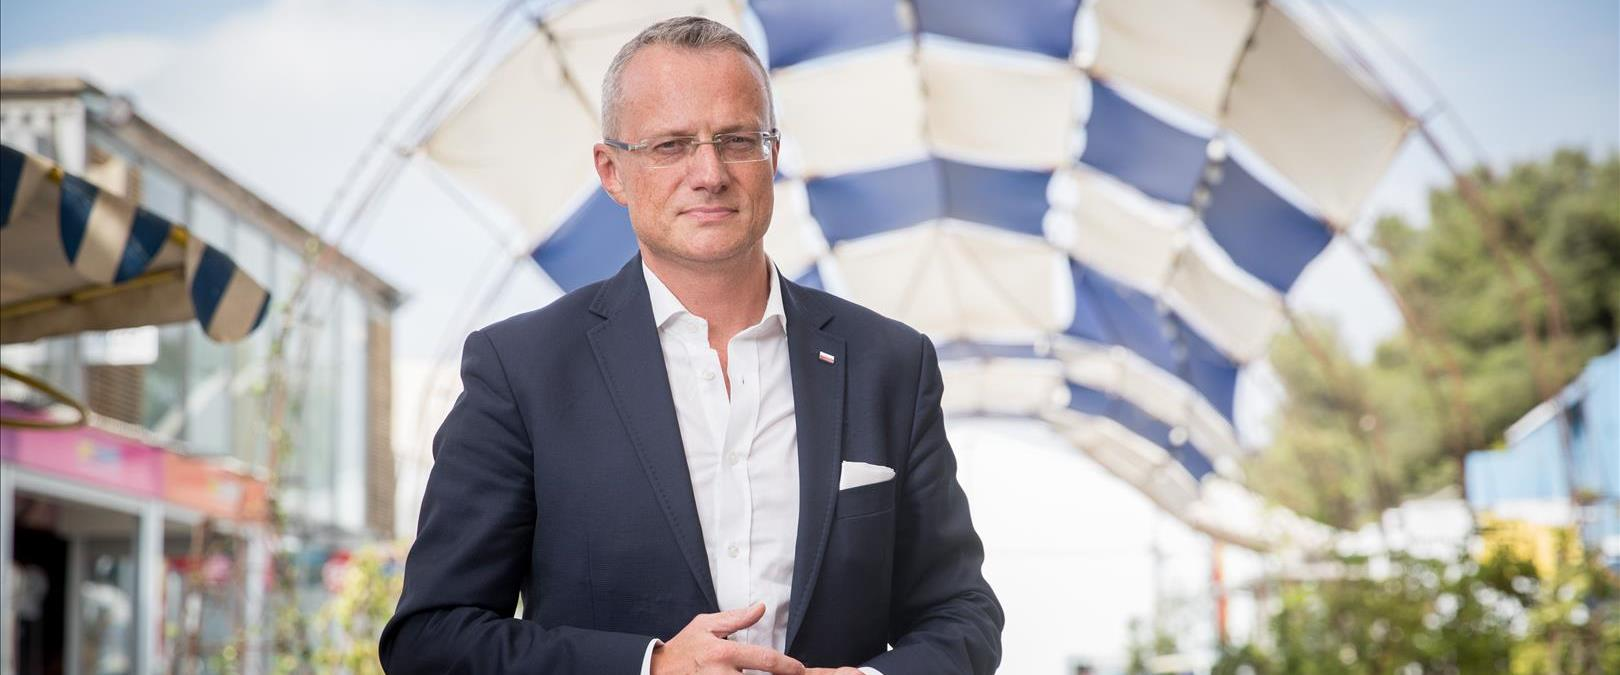 שגריר פולין בישראל